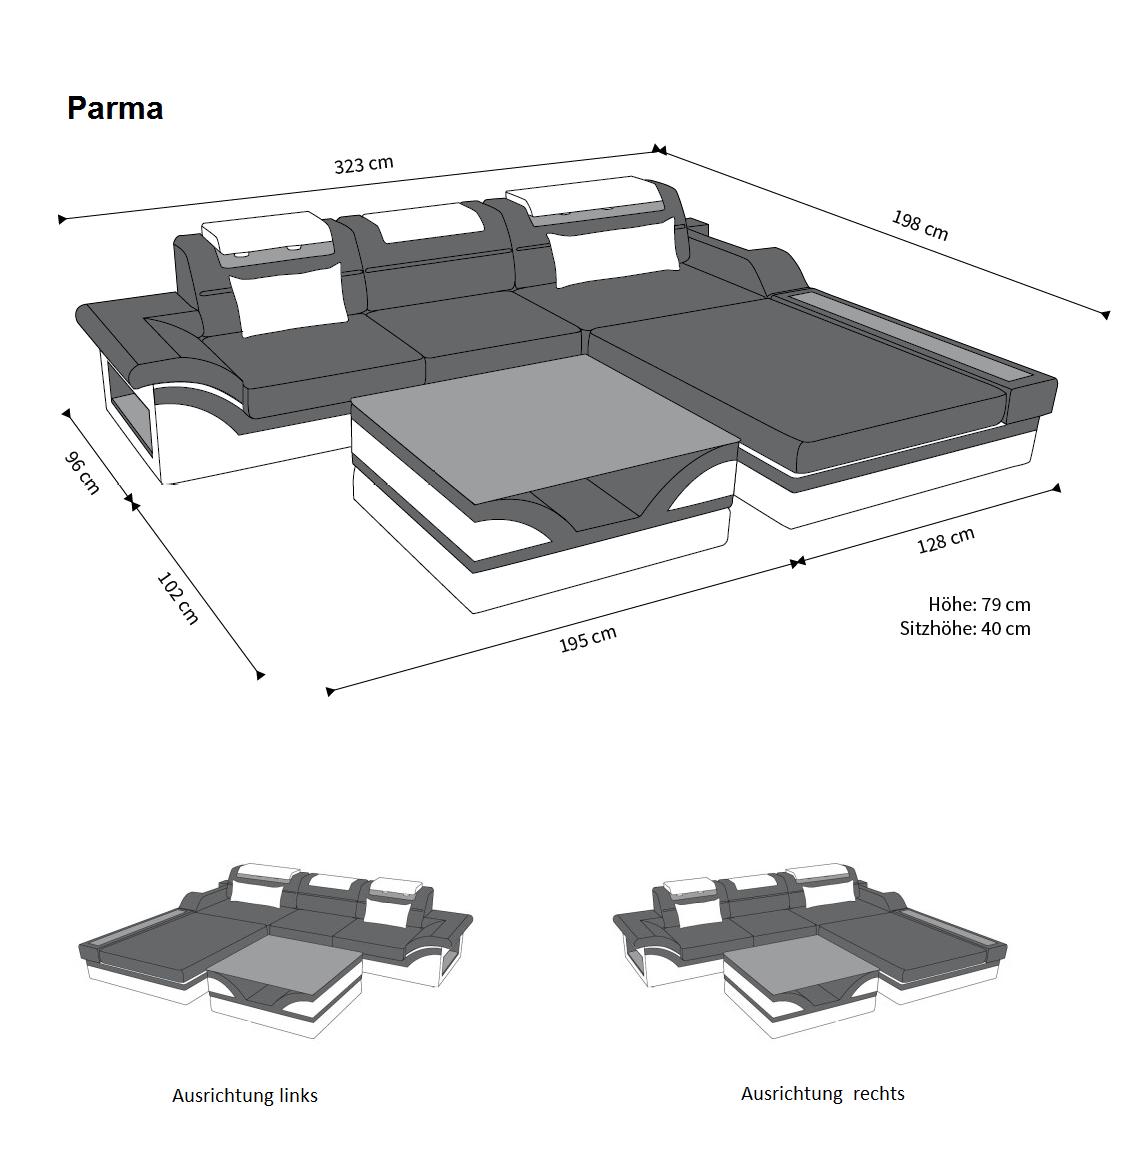 designer ledersofa parma led l form kaufen bei pmr. Black Bedroom Furniture Sets. Home Design Ideas